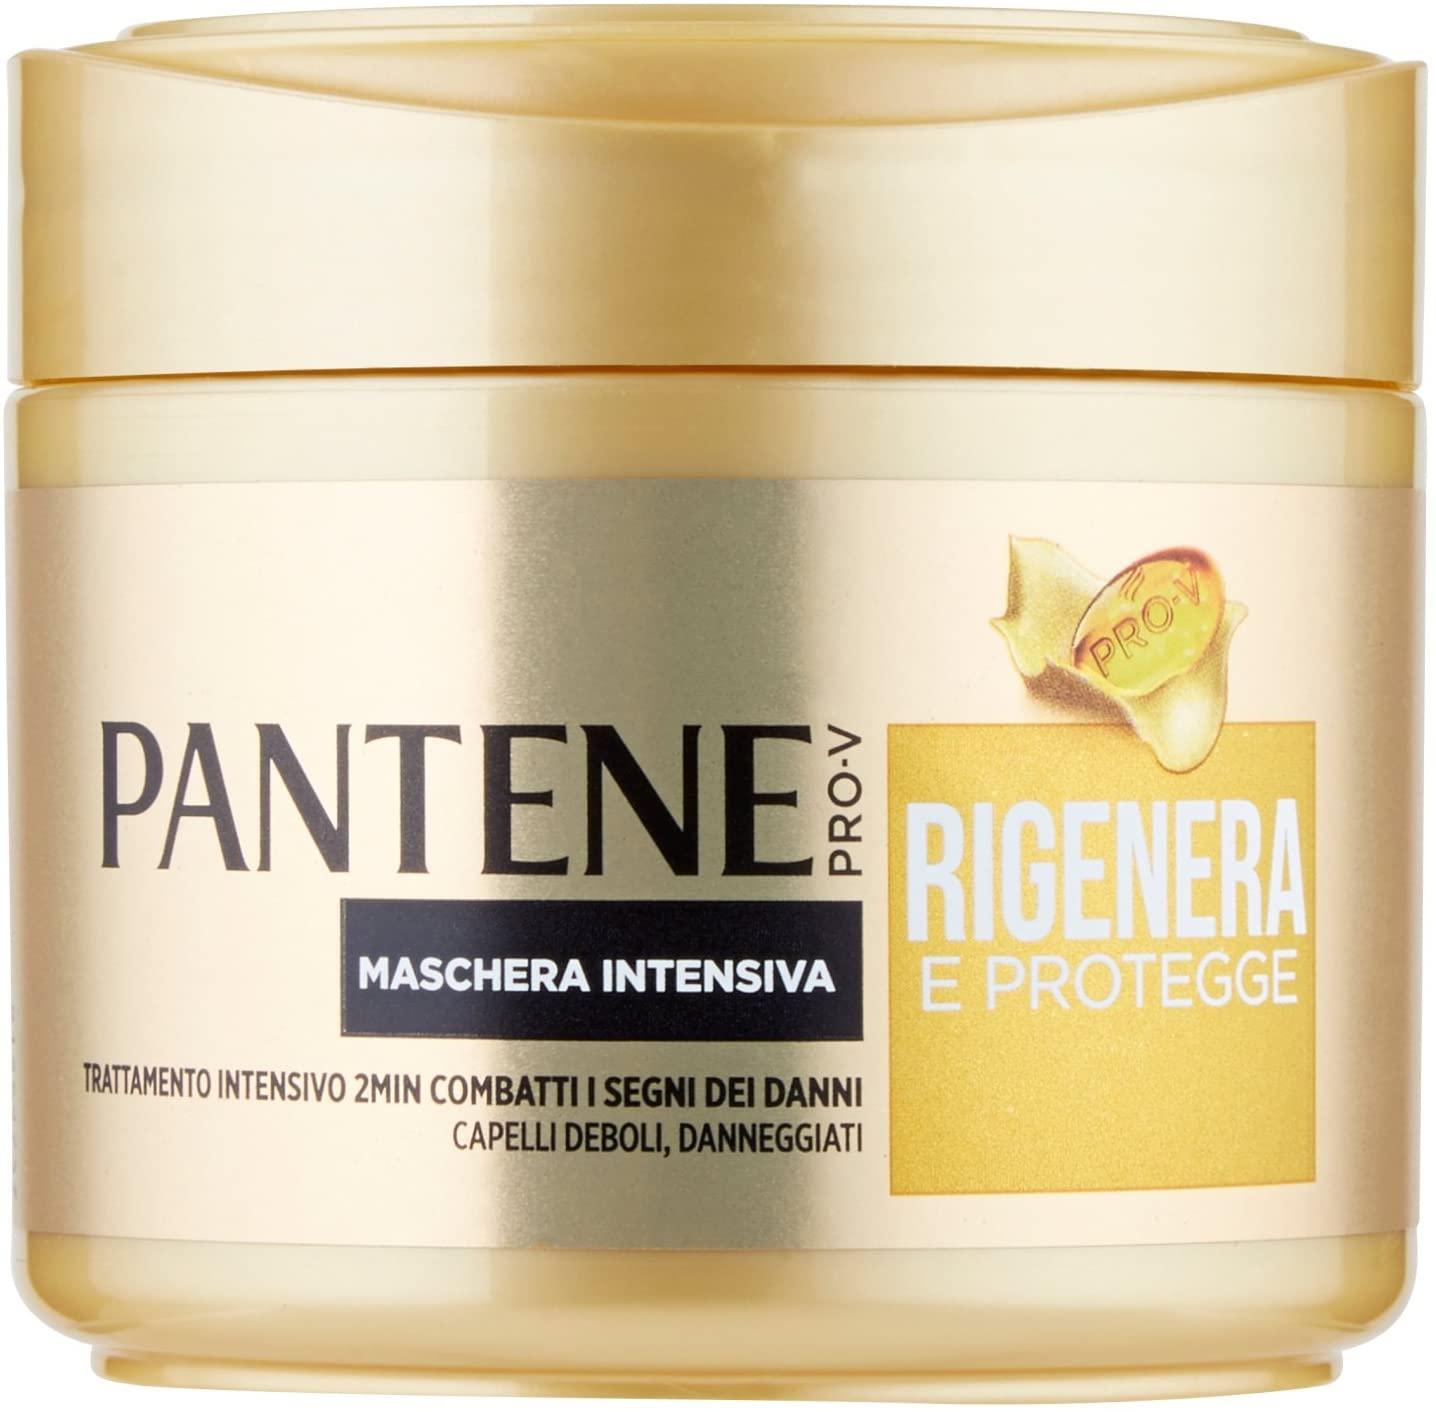 Pantene Rigenera e Protegge 300ml